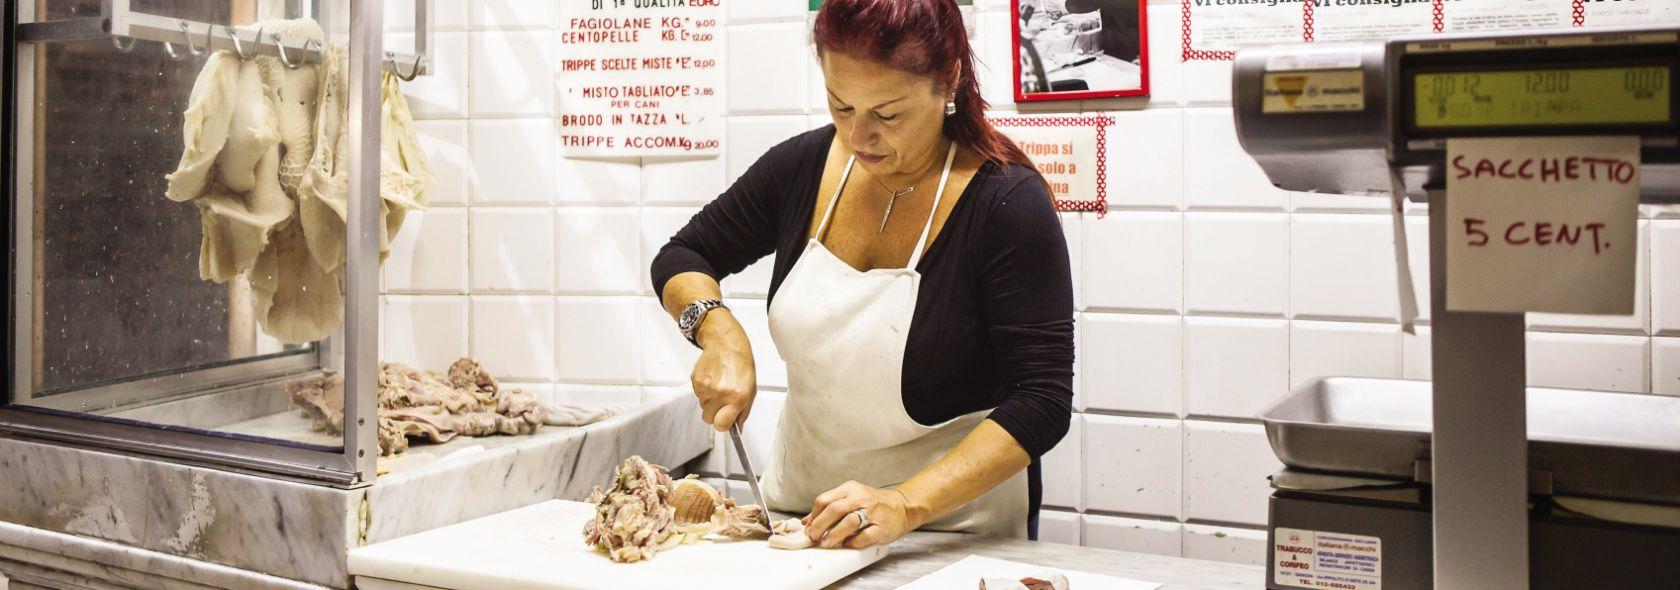 Historische Läden Tripperia La Casana (ph: Alberto Blasetti-CourtesyMarcoPolo)